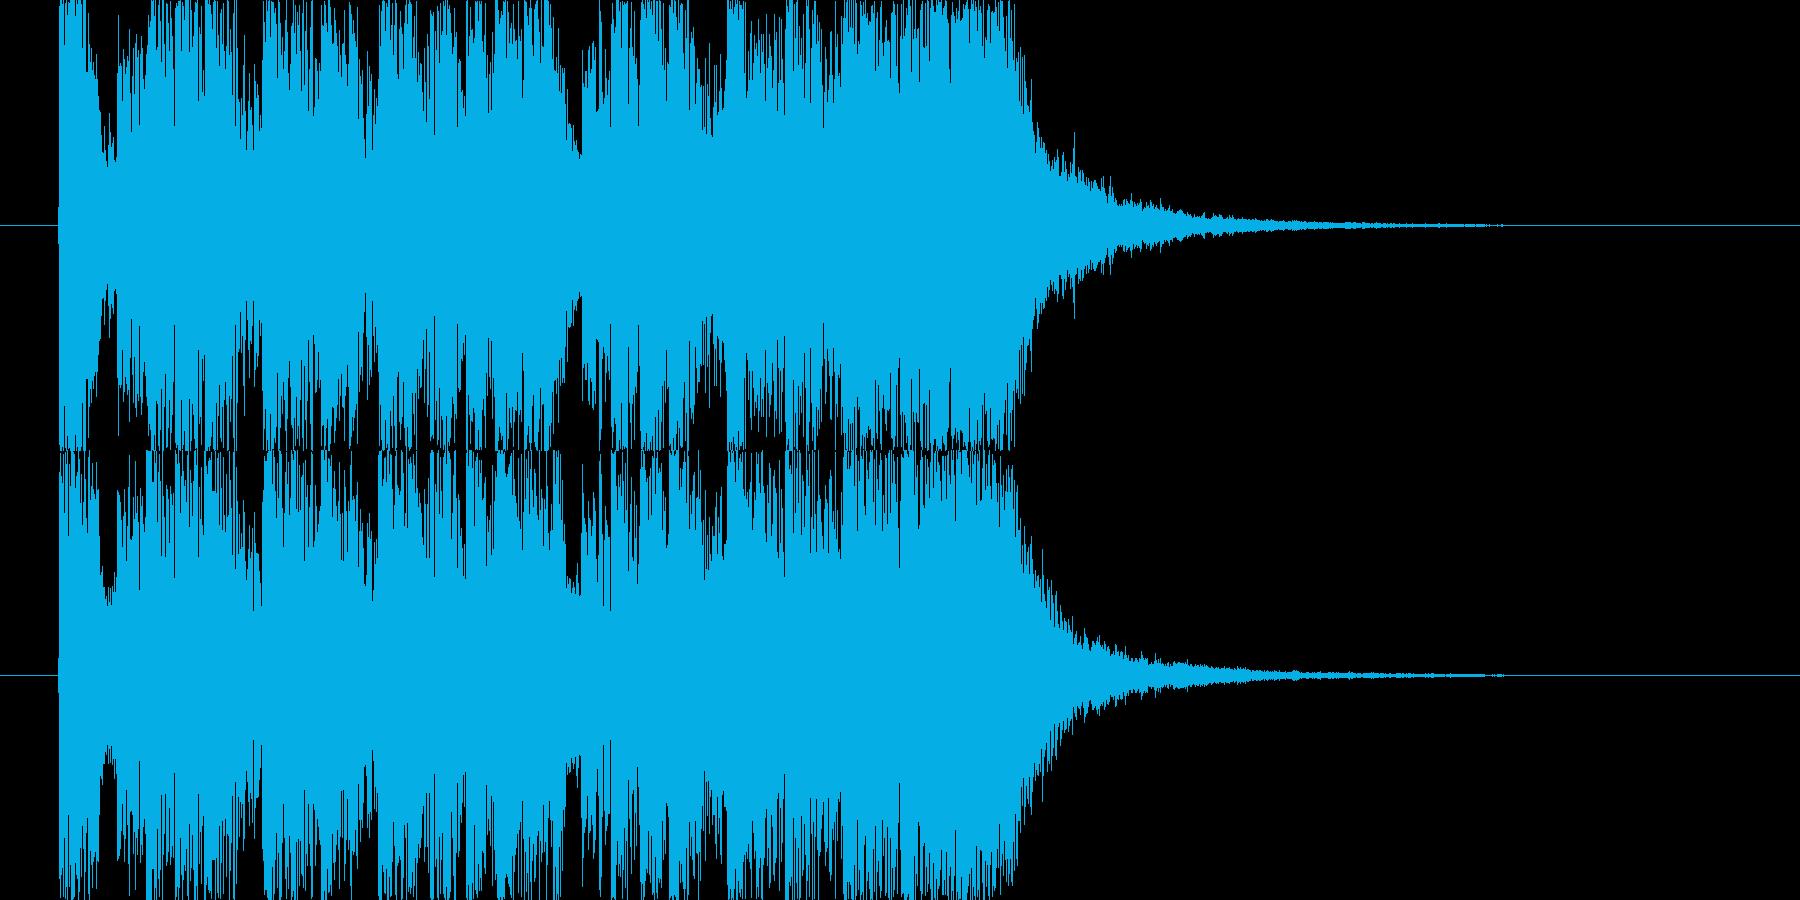 女の子向けアニメ風キラキラジングル J9の再生済みの波形